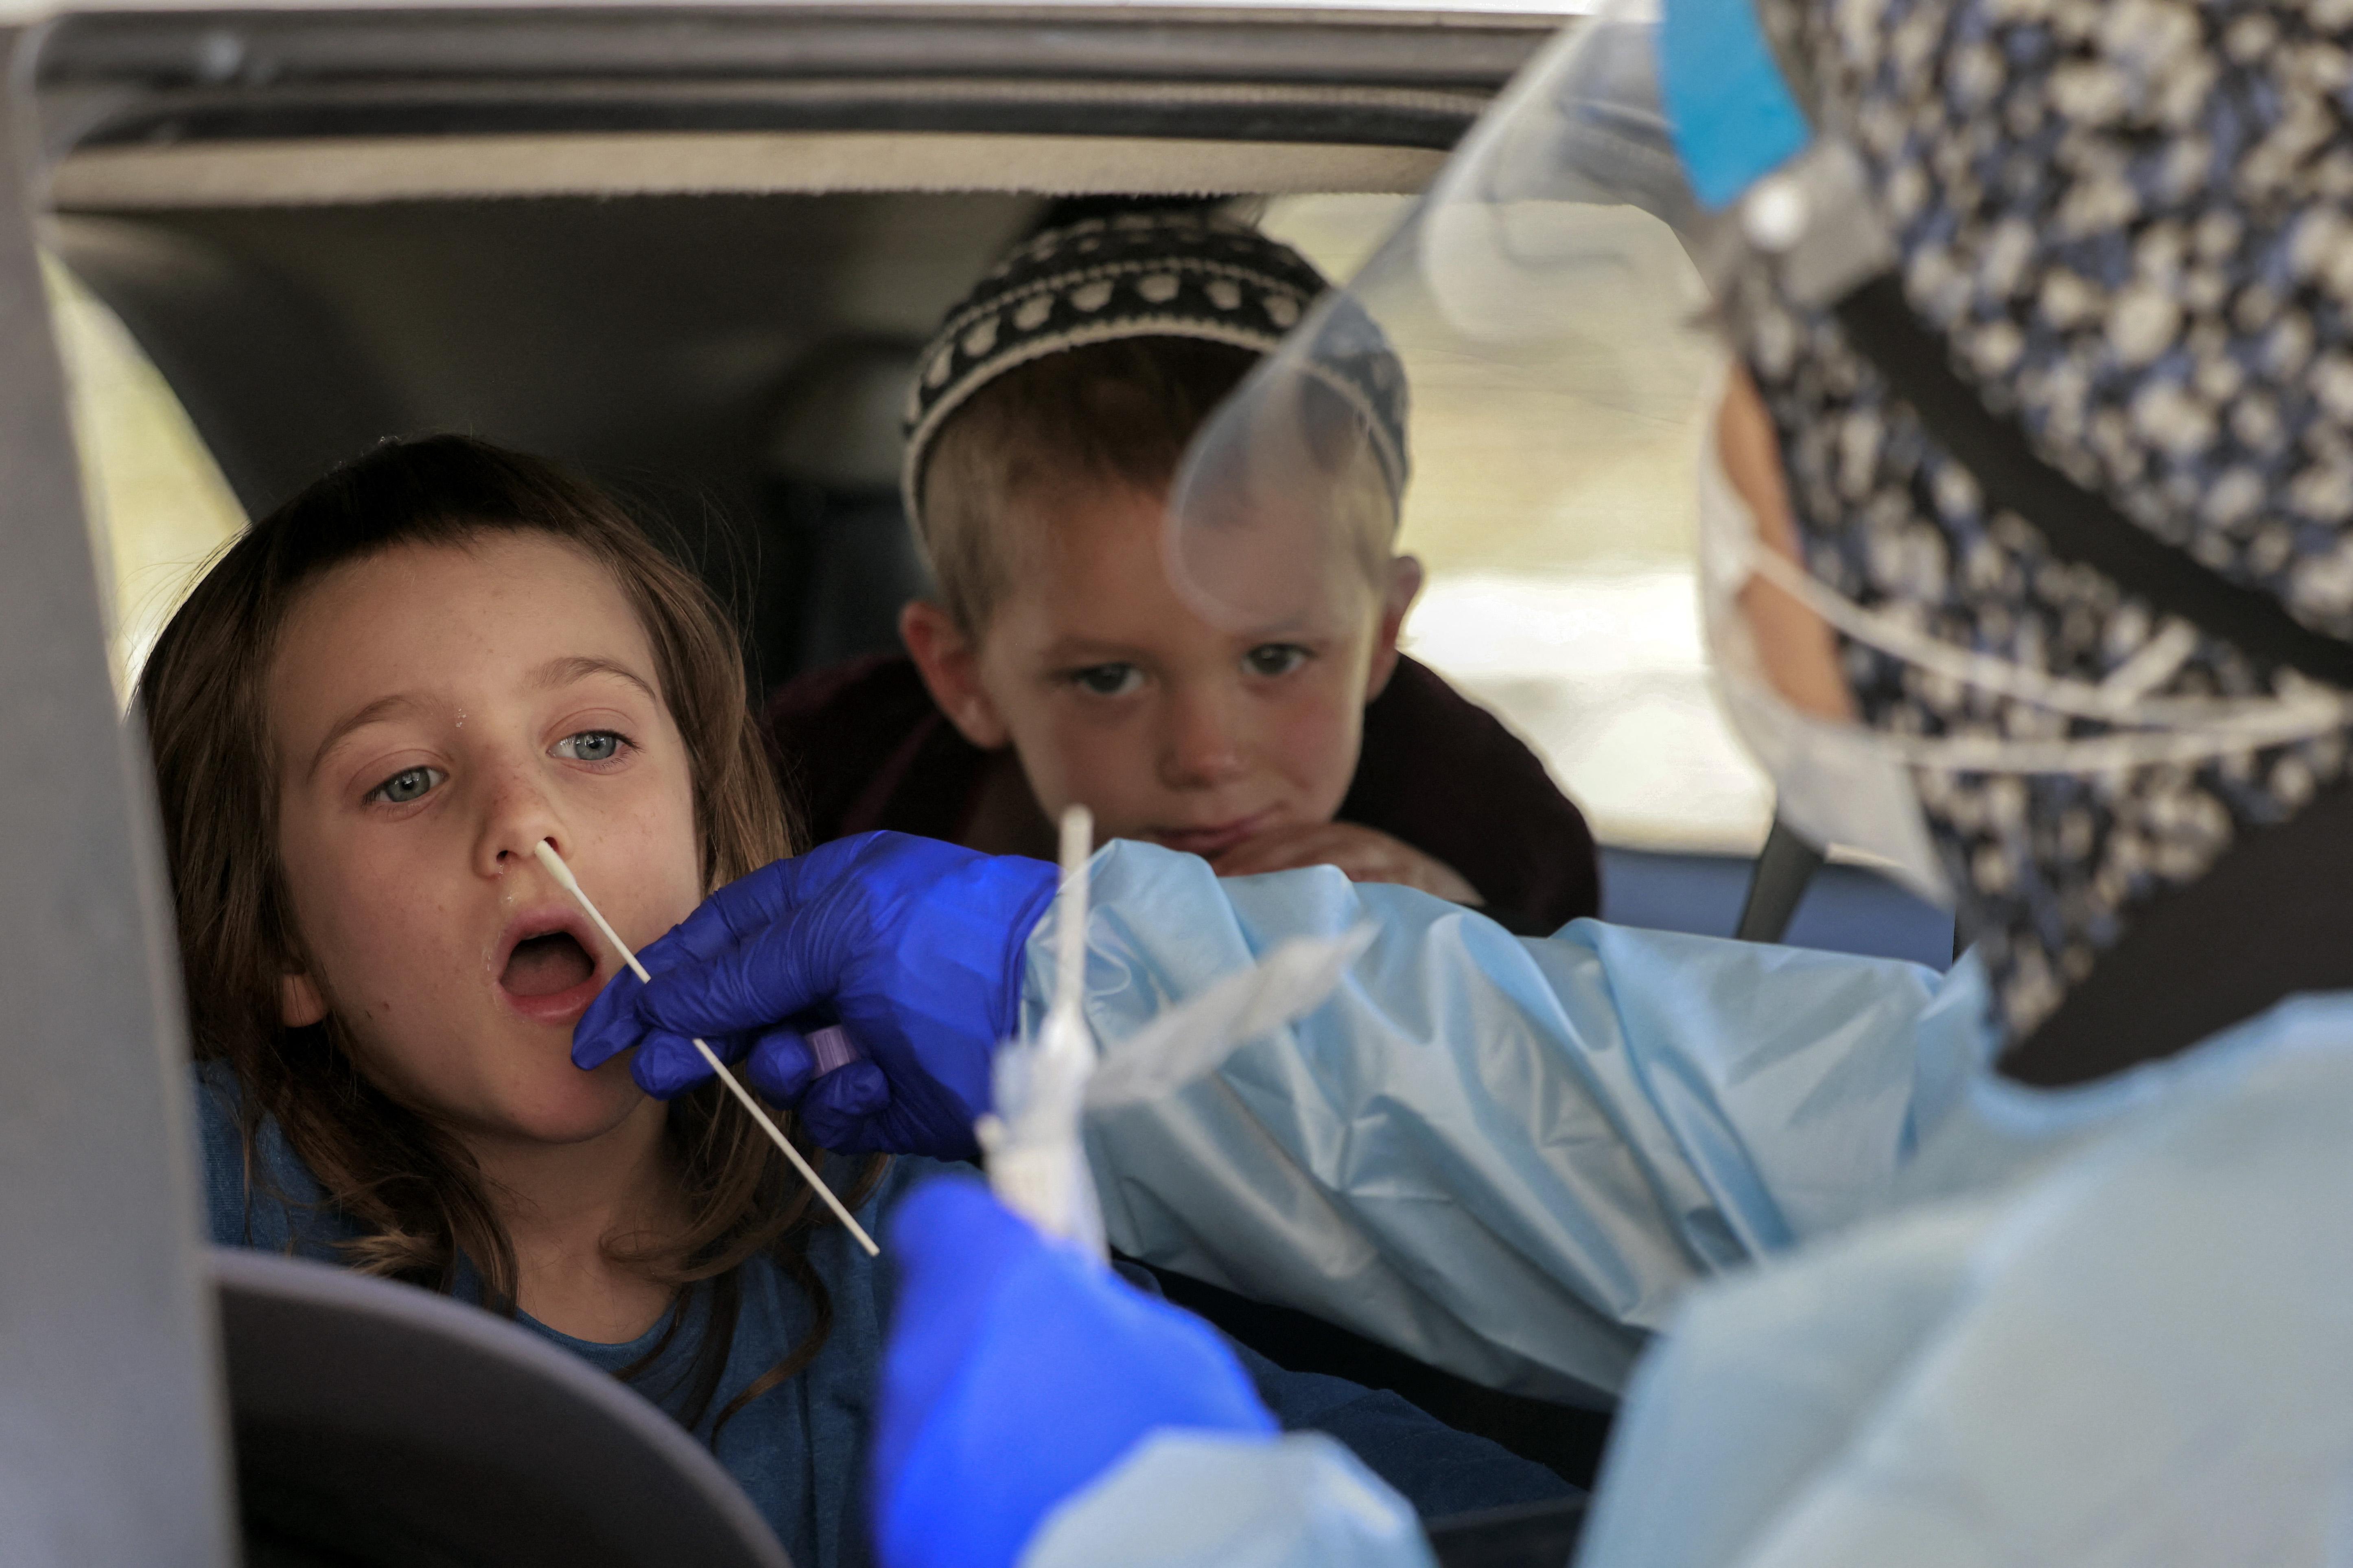 Izraelben a háromévesekre is kiterjesztik a járványügyi korlátozásokat